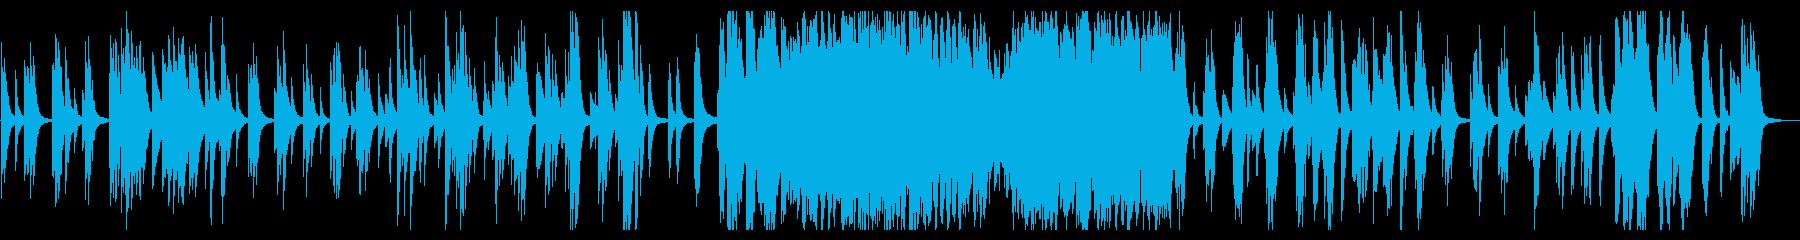 月の光/ドビュッシー ギター編曲の再生済みの波形